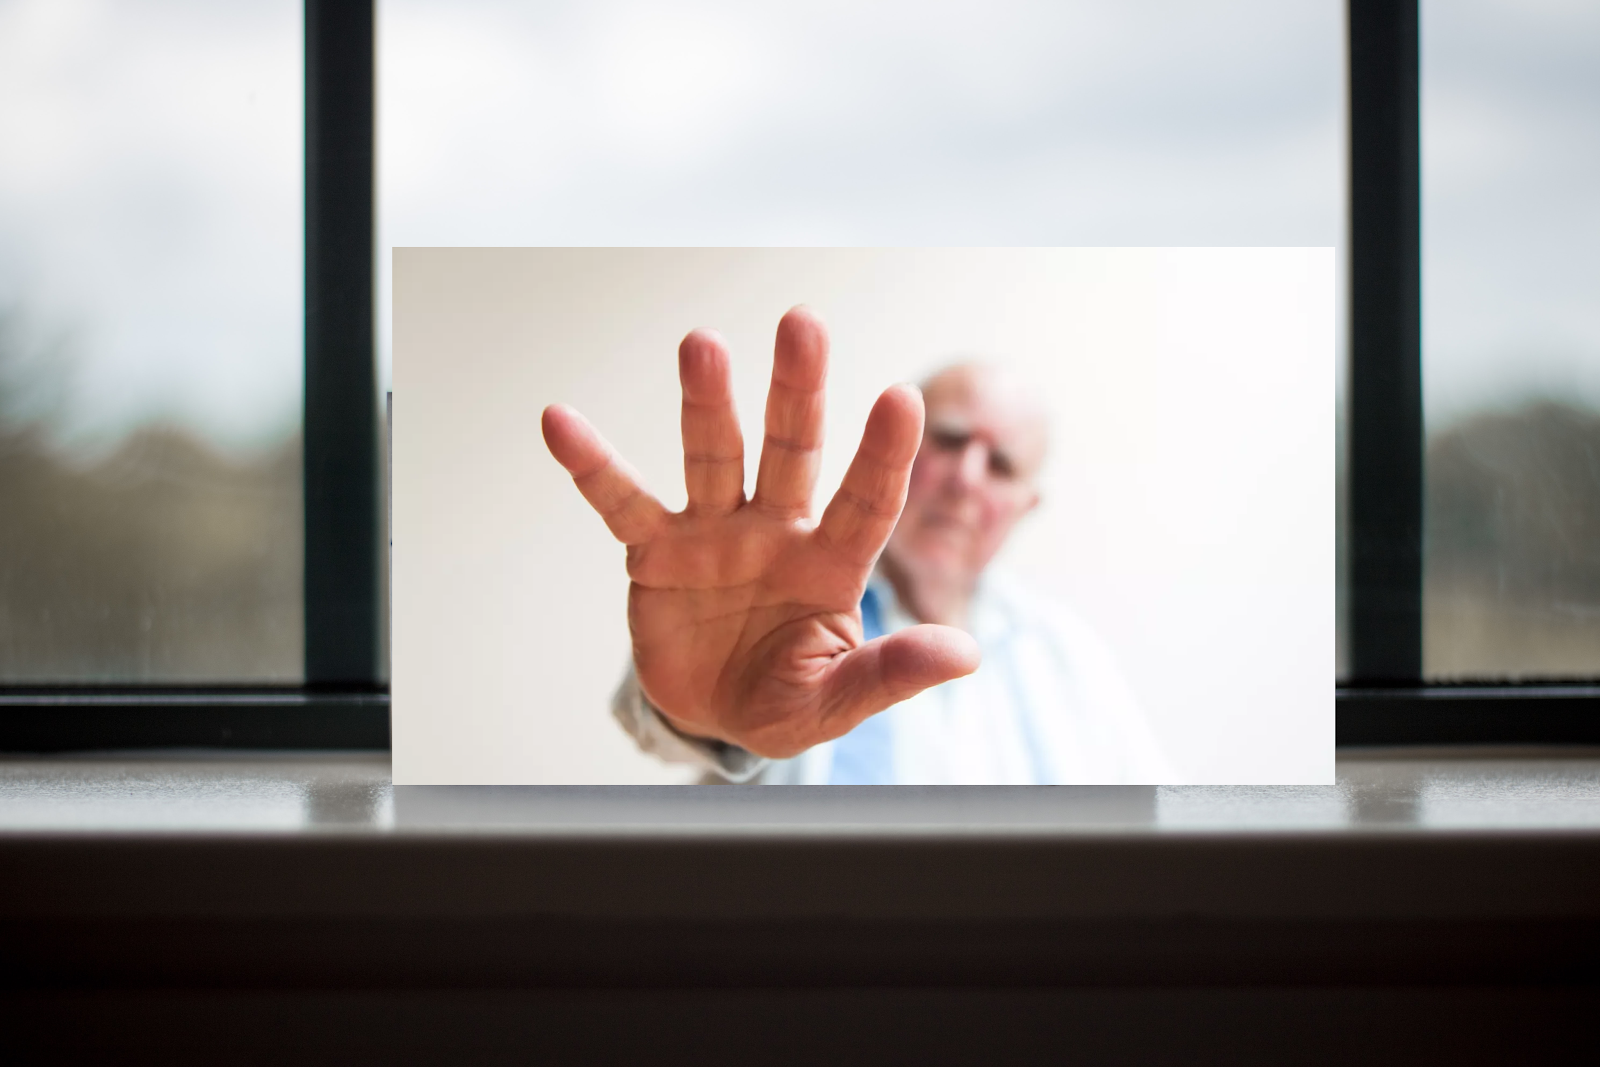 Zašto osobe s demencijom odjednom postanu agresivne i što možete reći kako bi smirili situaciju?